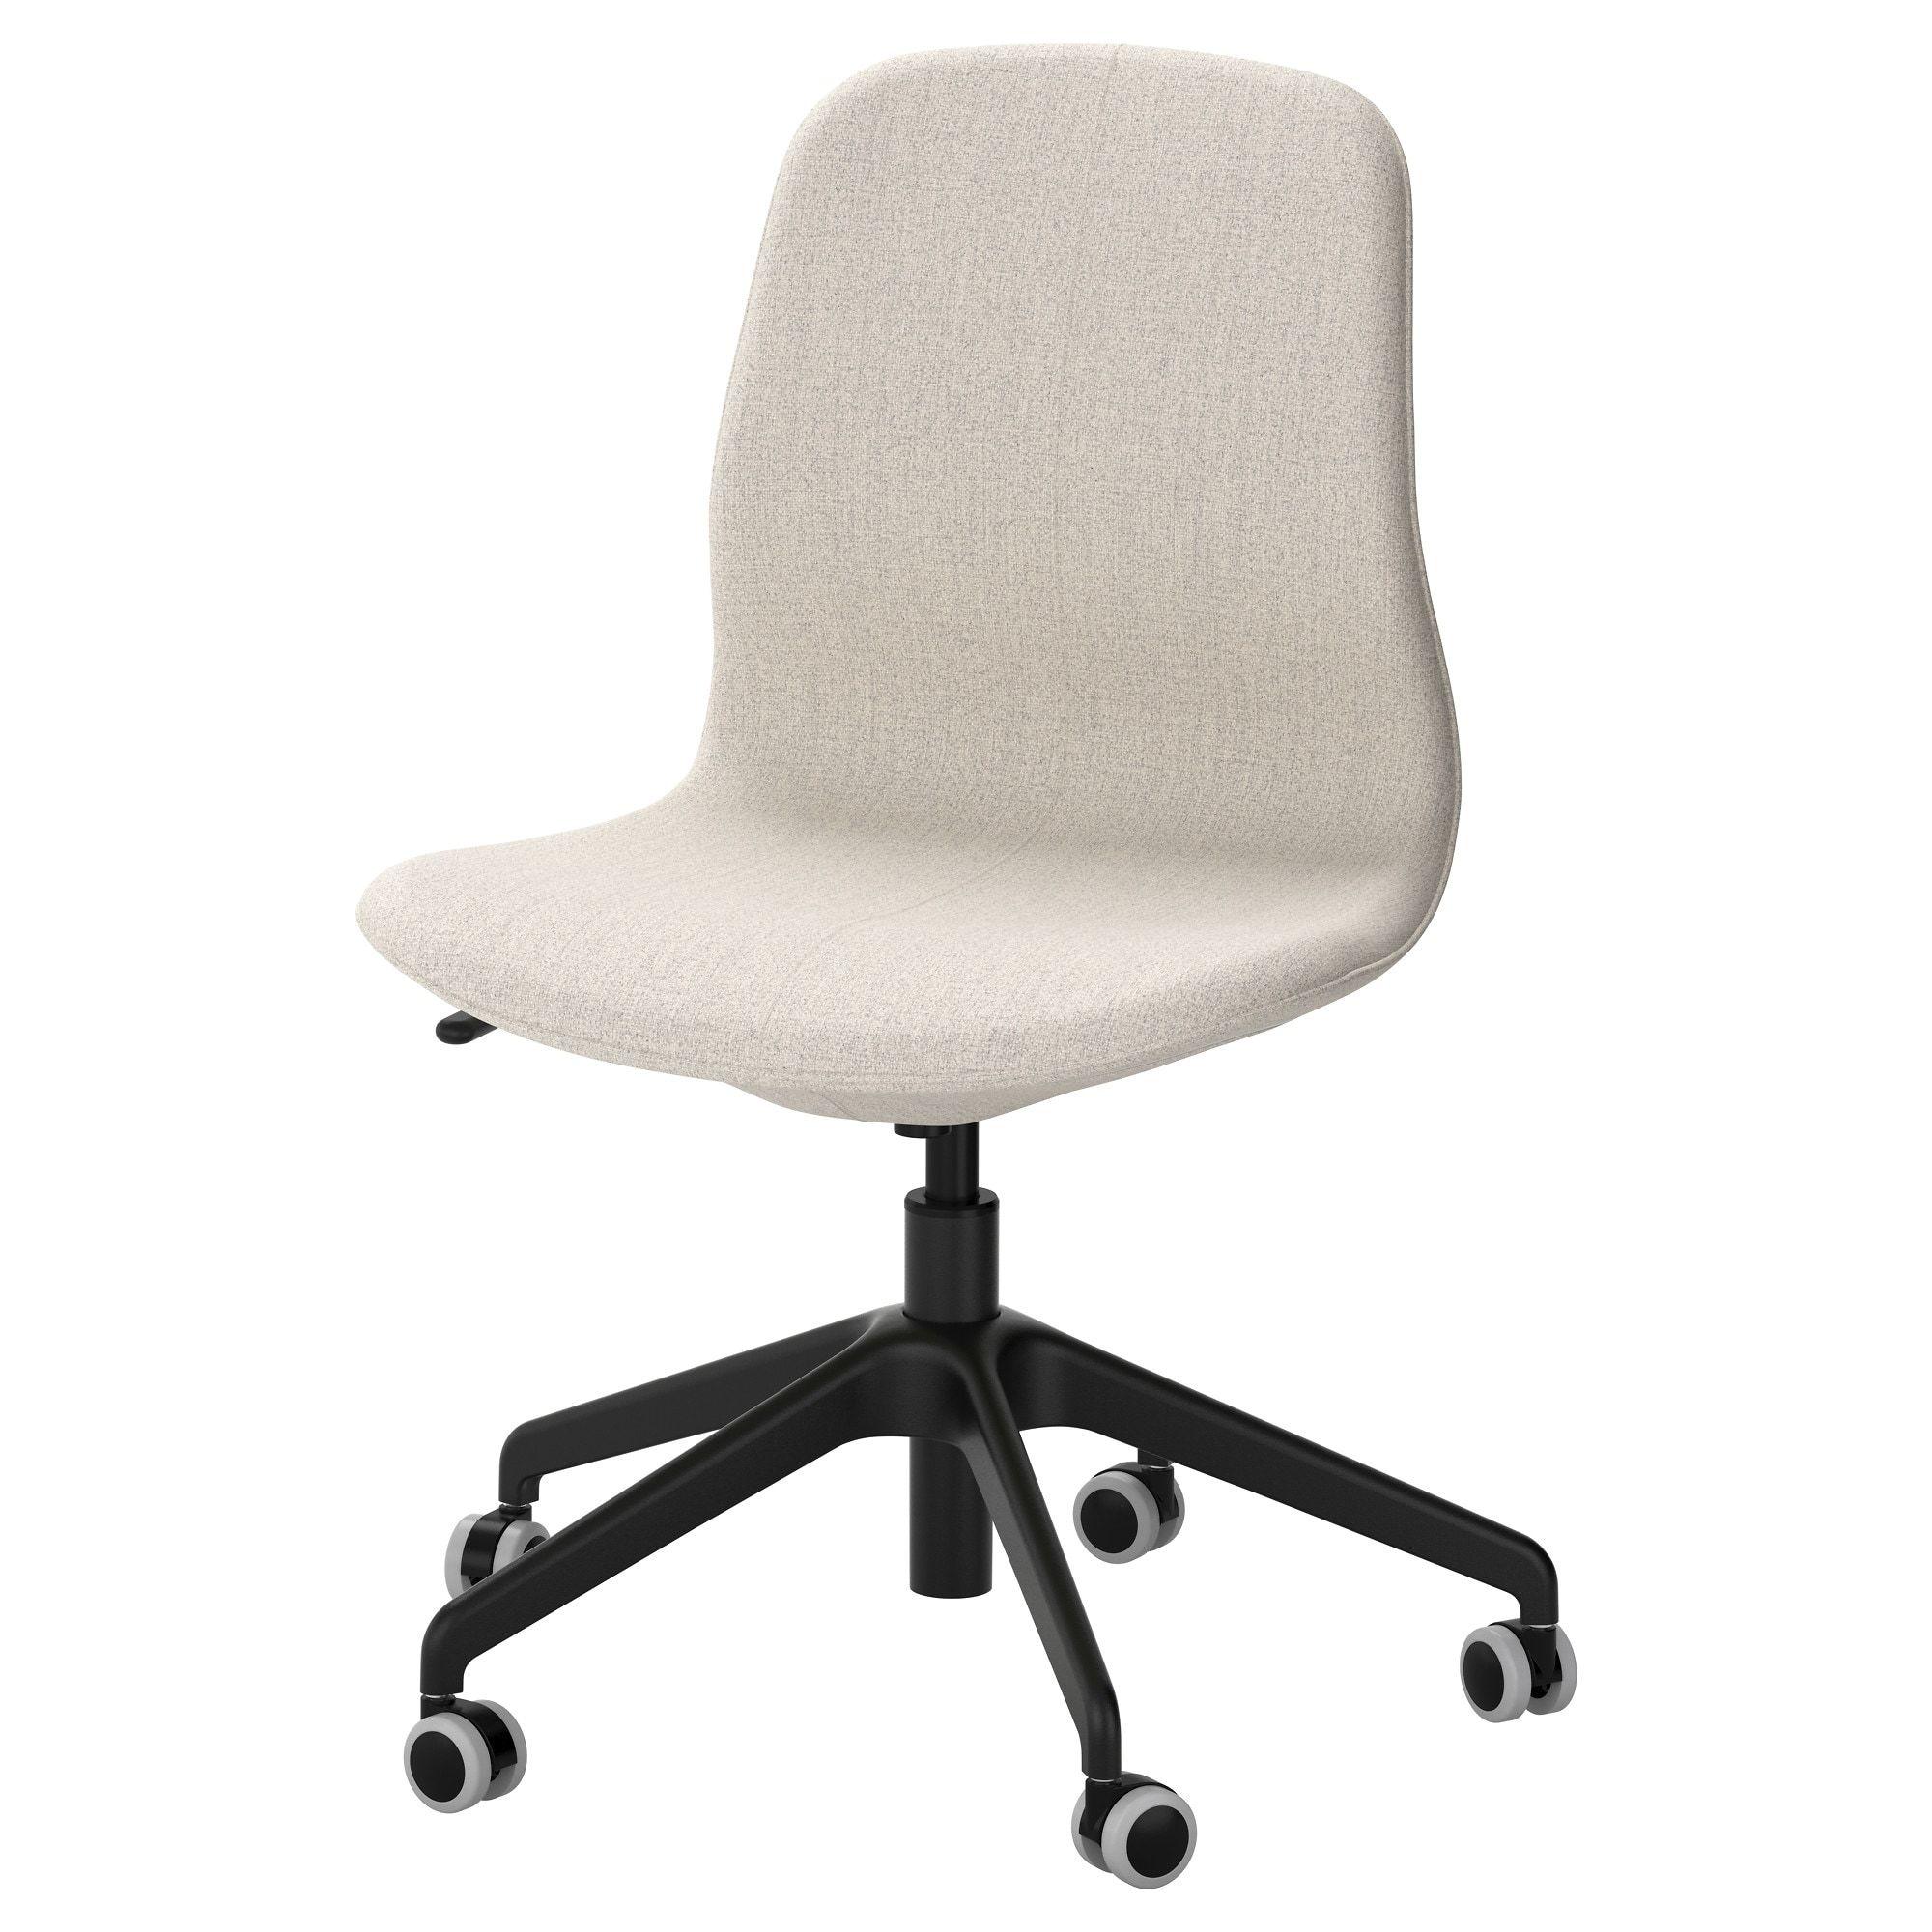 Langfjall Office Chair Gunnared Beige Black Ikea Fauteuil Pivotant Chaise De Bureau Ergonomique Chaise Bureau